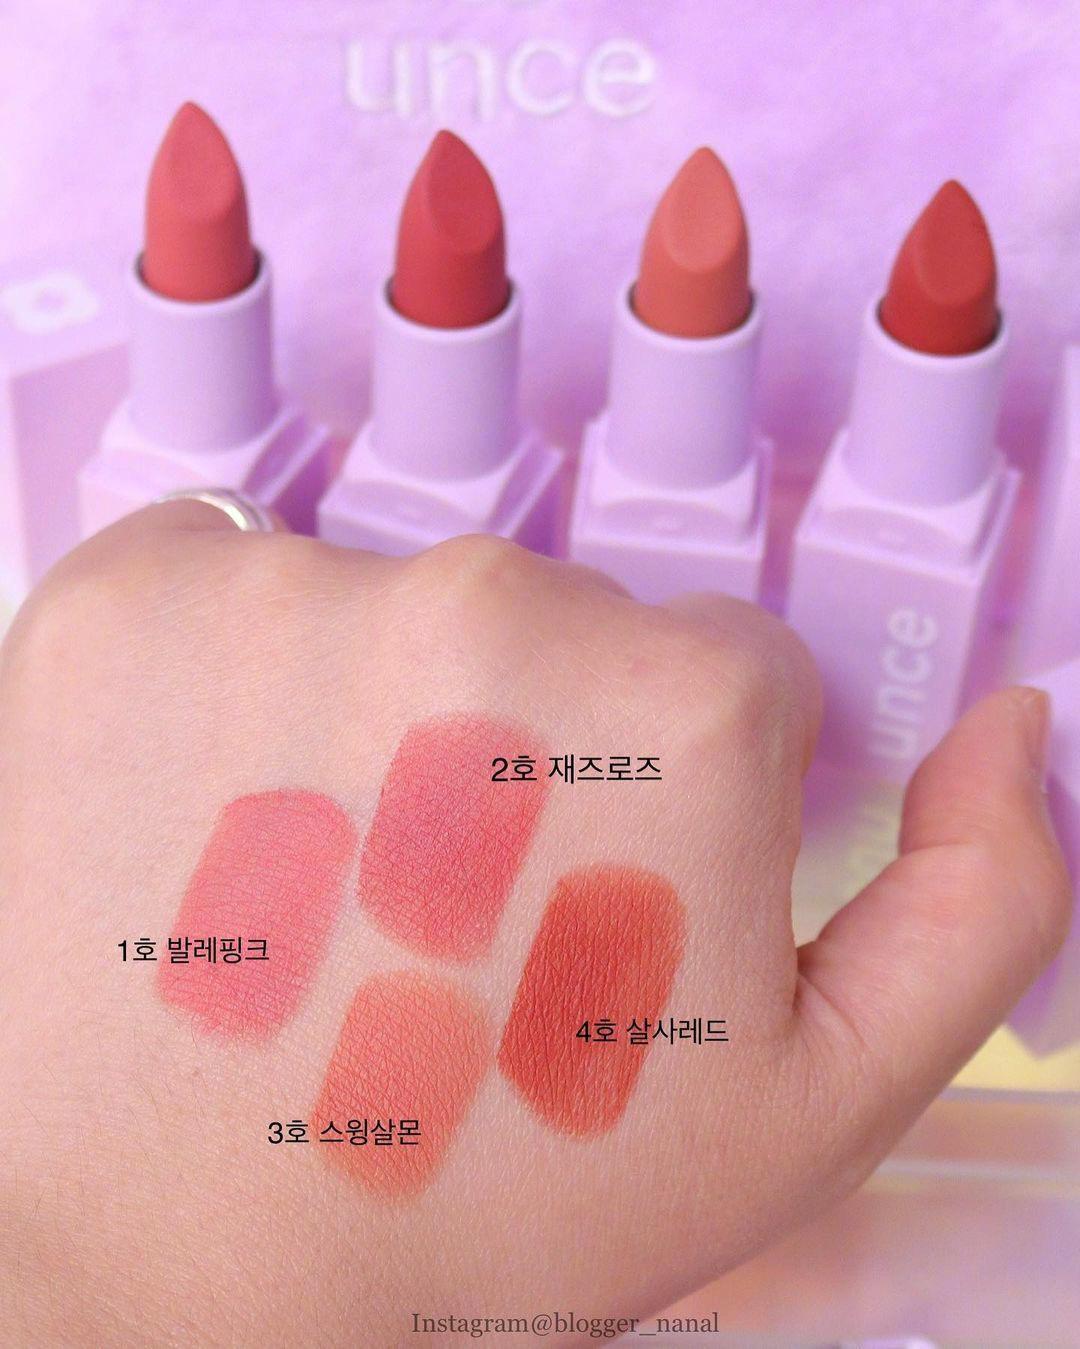 最近超火的韩国小众唇膏适合合集 清新甜美的少女色太喜欢啦!